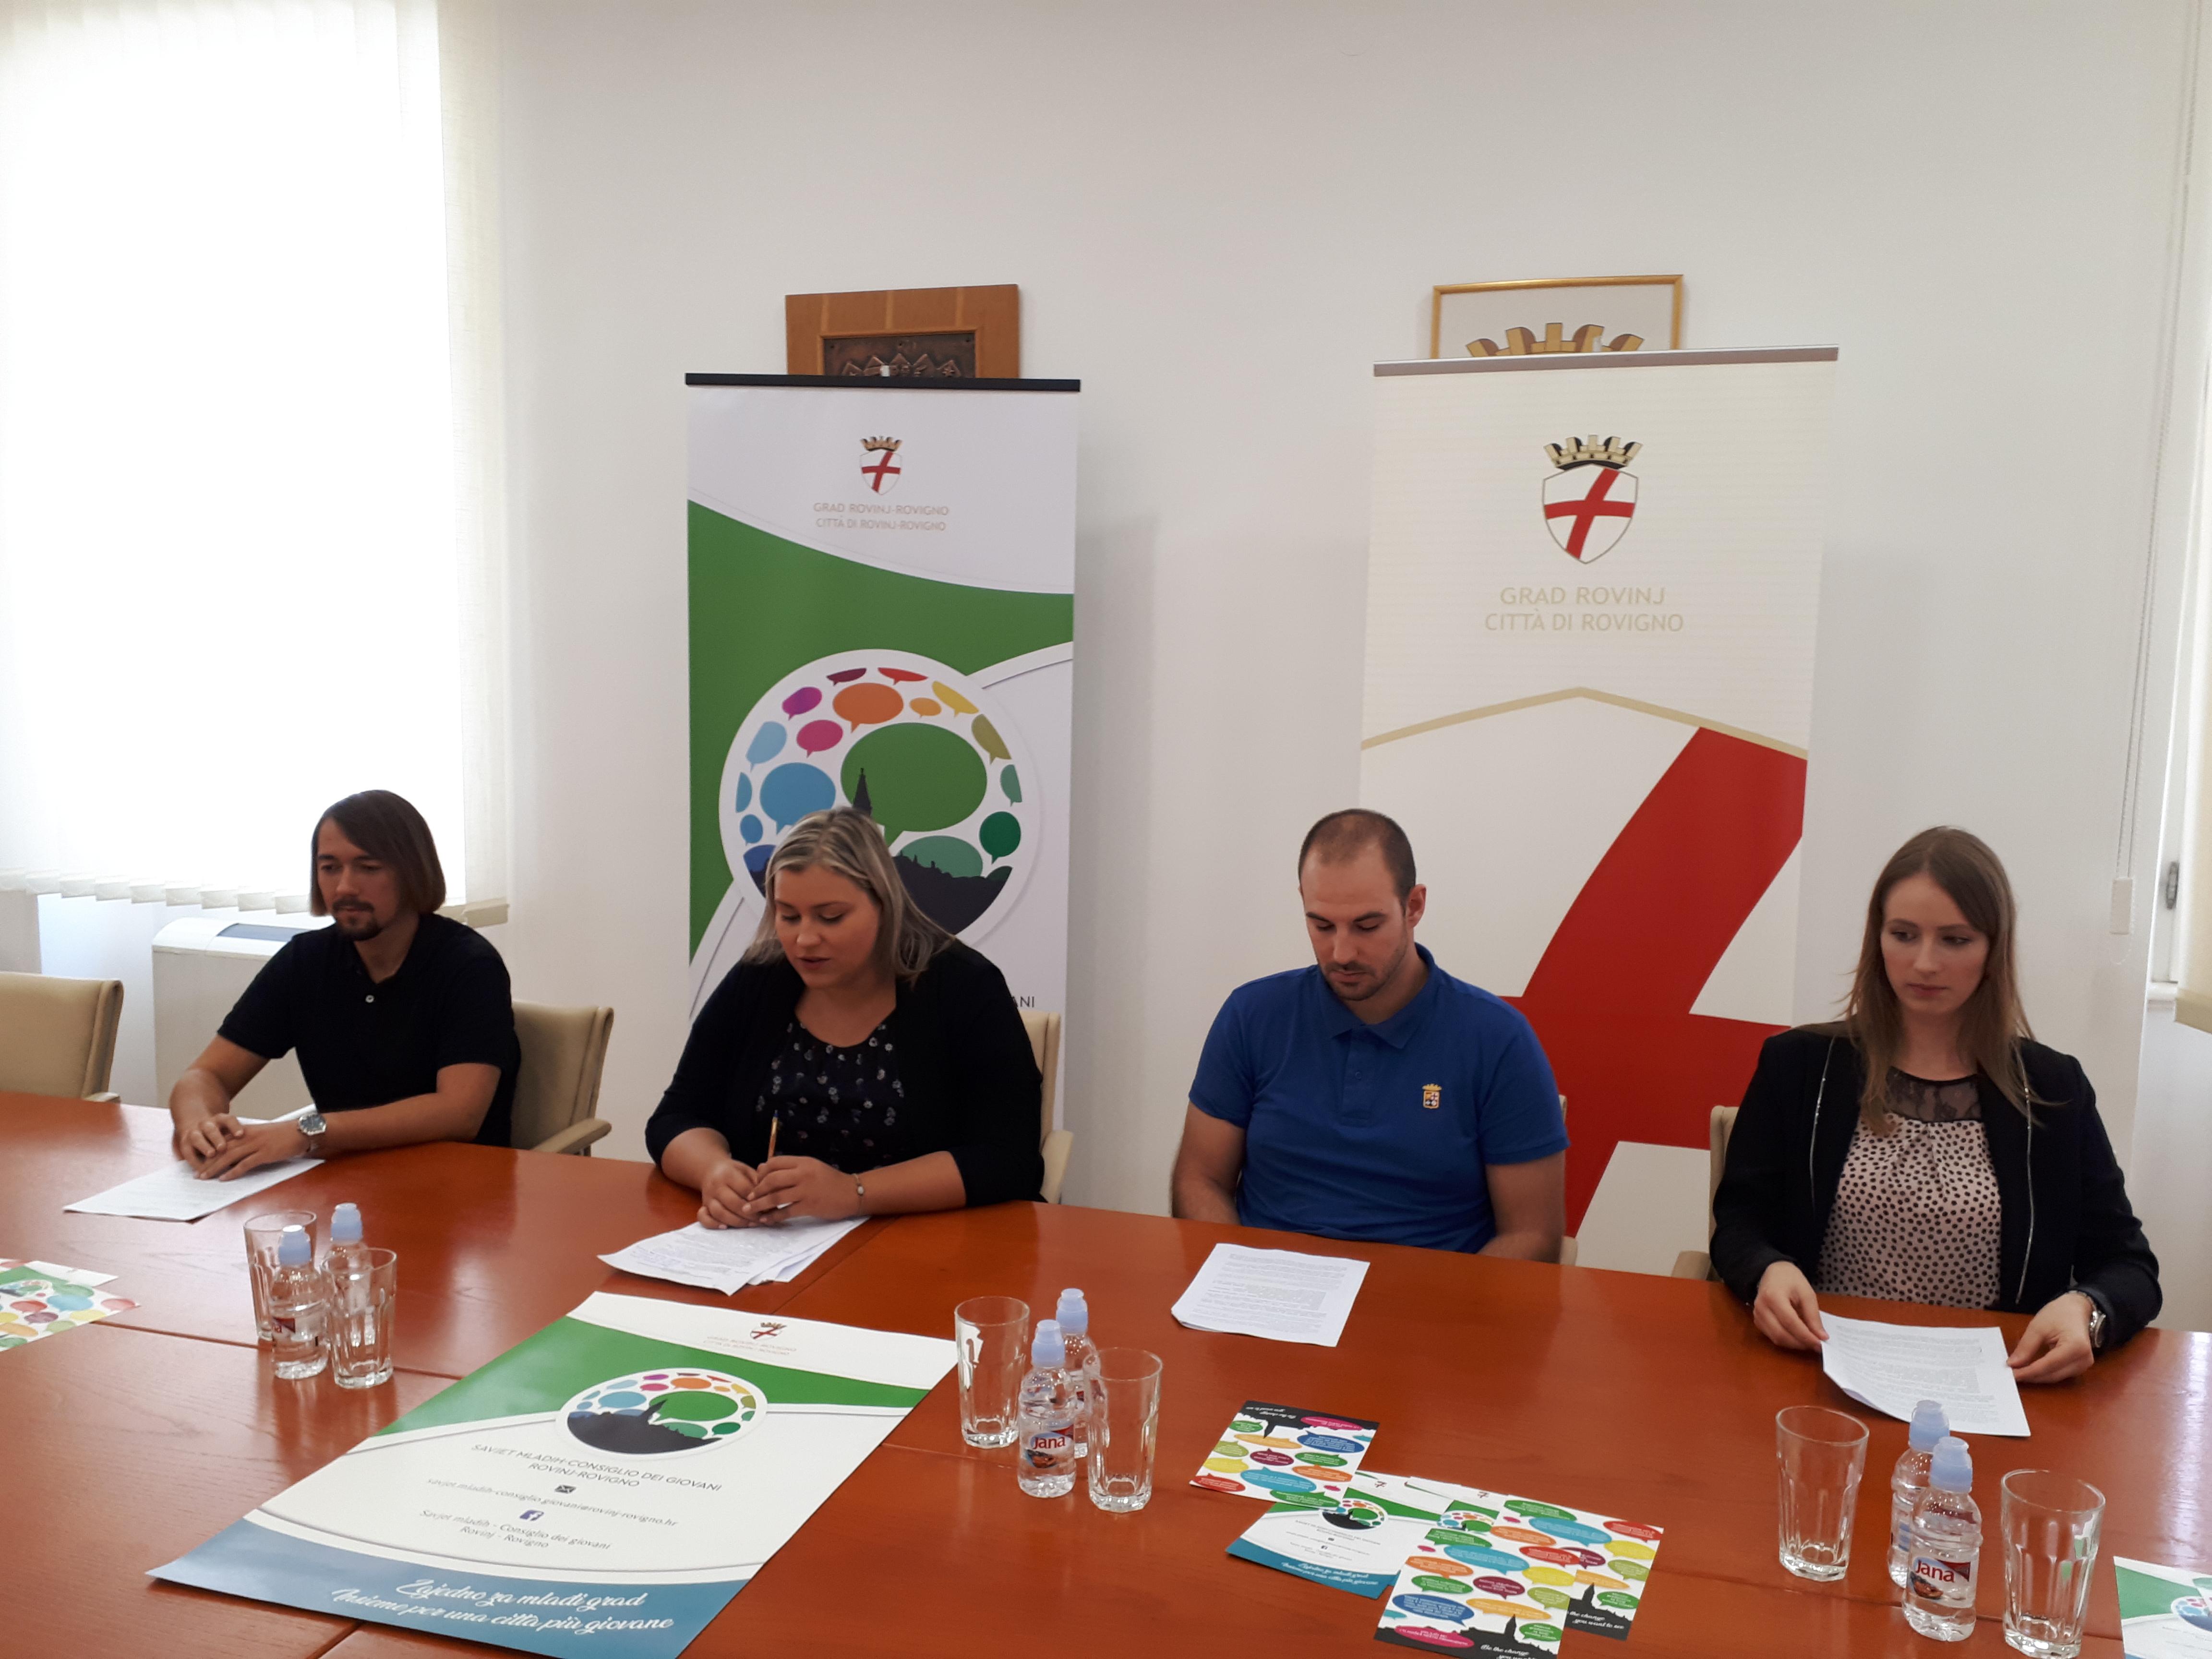 Konferencija za novinare povodom predstavljanja aktivnosti i Programa rada Savjeta mladih Grada Rovinja-Rovigno